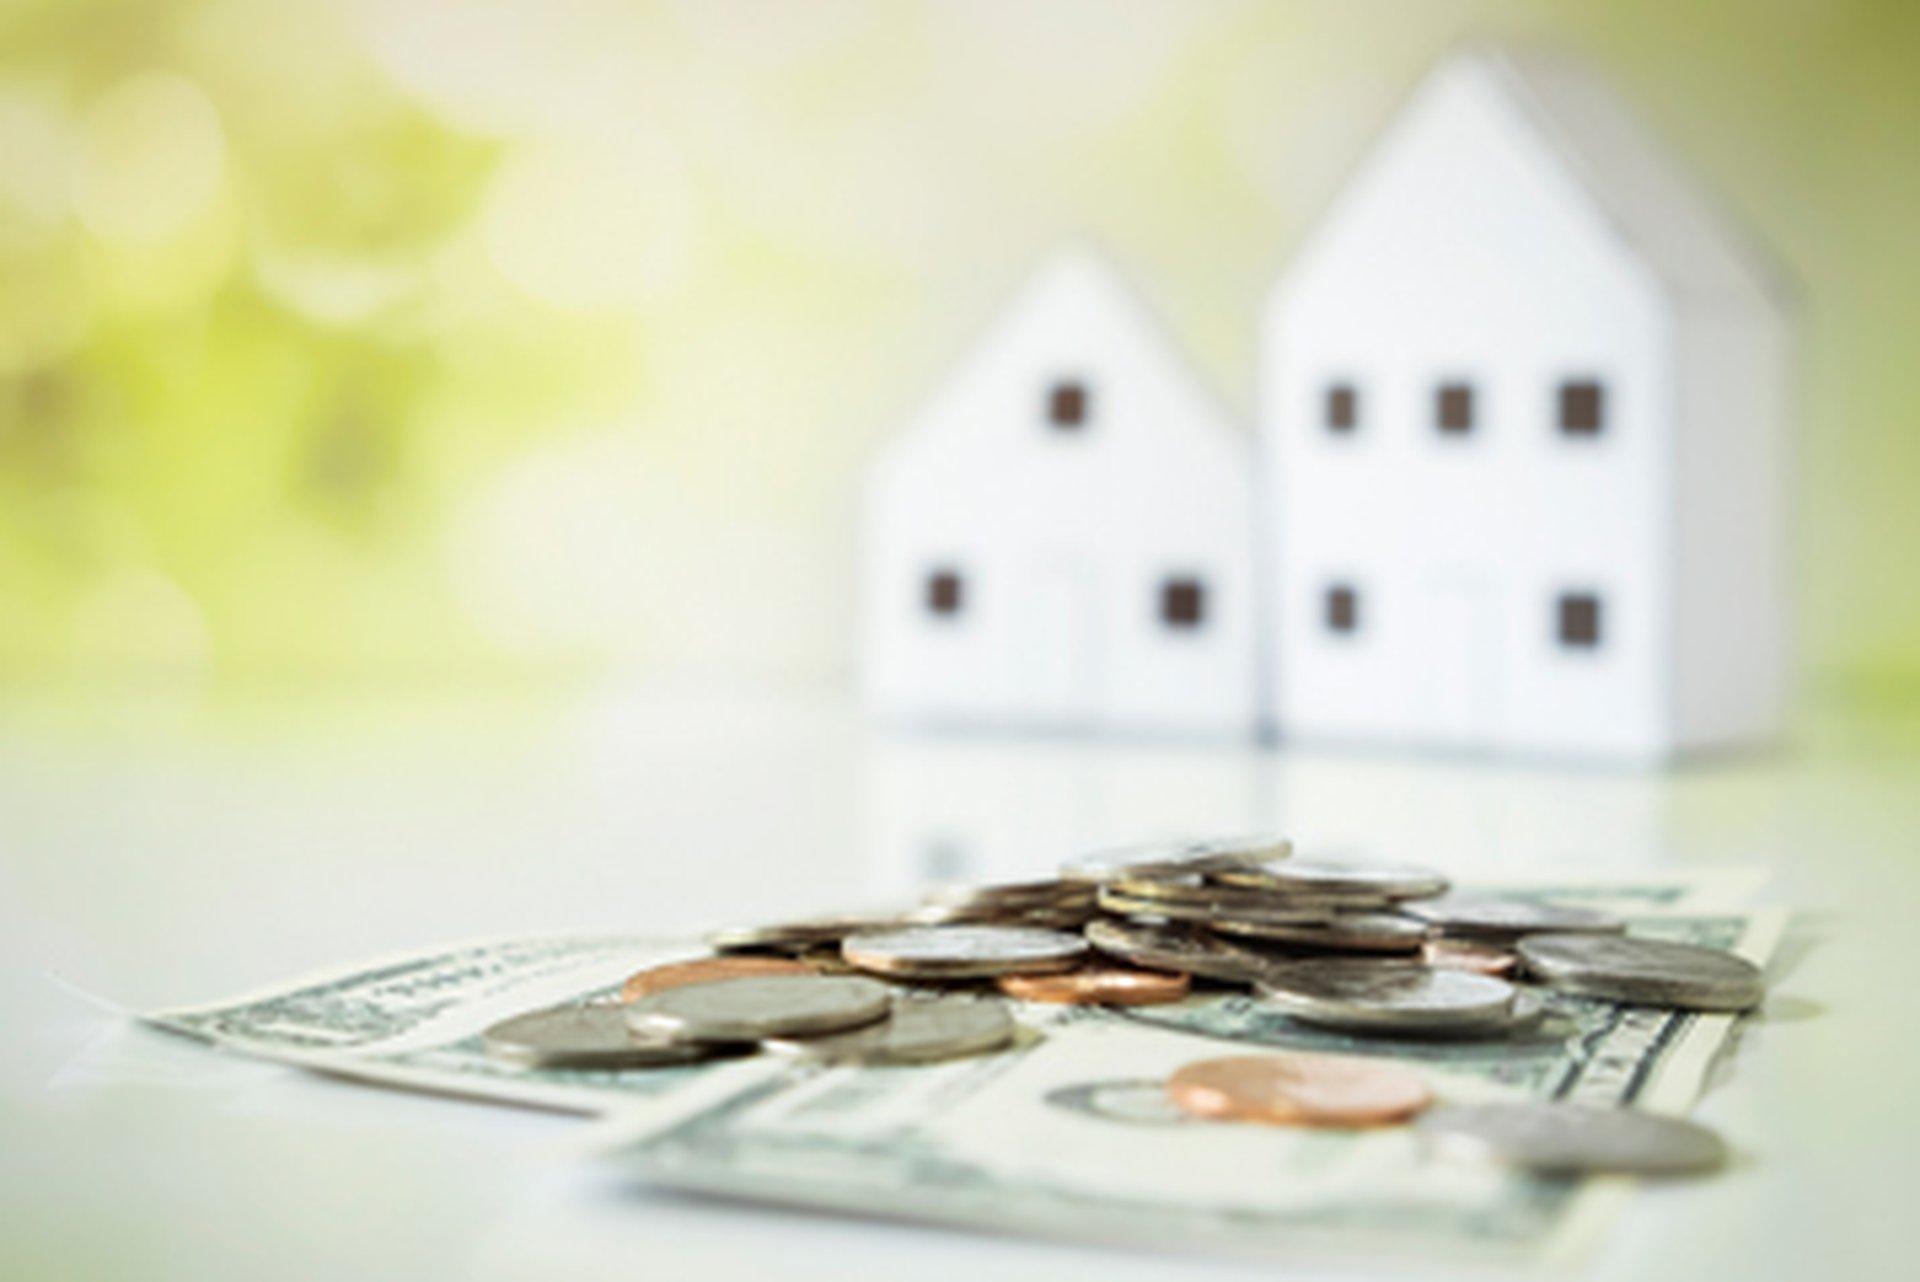 Spekulationssteuer zahlen? Muss der Makler aufklären?